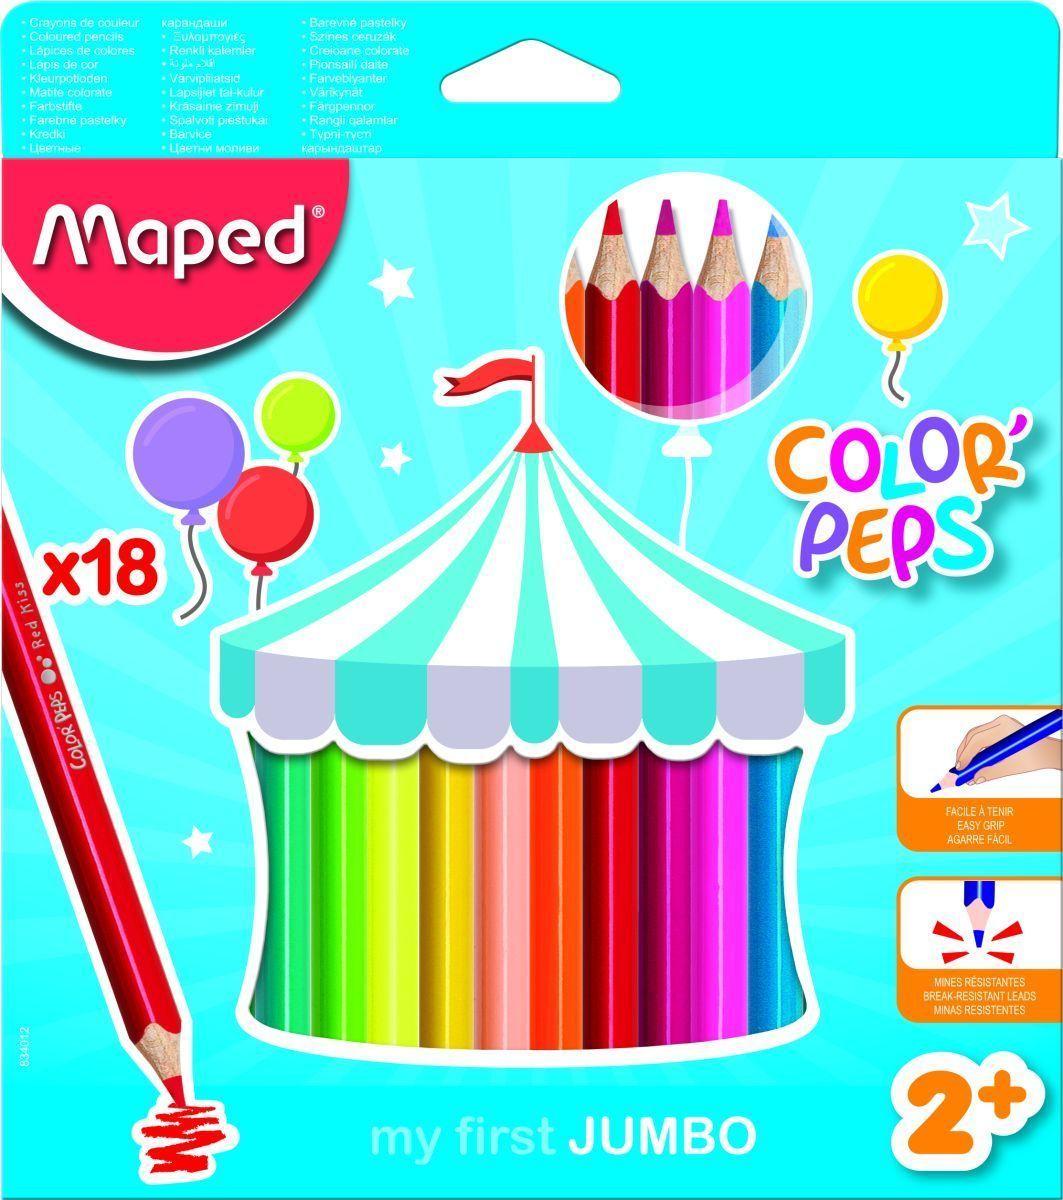 Maped Набор цветных карандашей Color Peps Jumbo 18 цветов834012Карандаши цветные из американской липы серии COLOR PEPS JUMBO. Эргономичная треугольная форма. Ударопрочный грифель. Серия разработана для малышей (2+) - упаковка отличается особой графикой. Карандаши очень яркие, корпус большого диаметра специально для детской руки. Толстый грифель диаметром 4,7 мм. Идеально подходит для рисования, раскрашивания и живописи, абсолютно безопасно для детей. Карандаши легко точатся. Плотное закрашивание - отличный вариант для раскрасок!